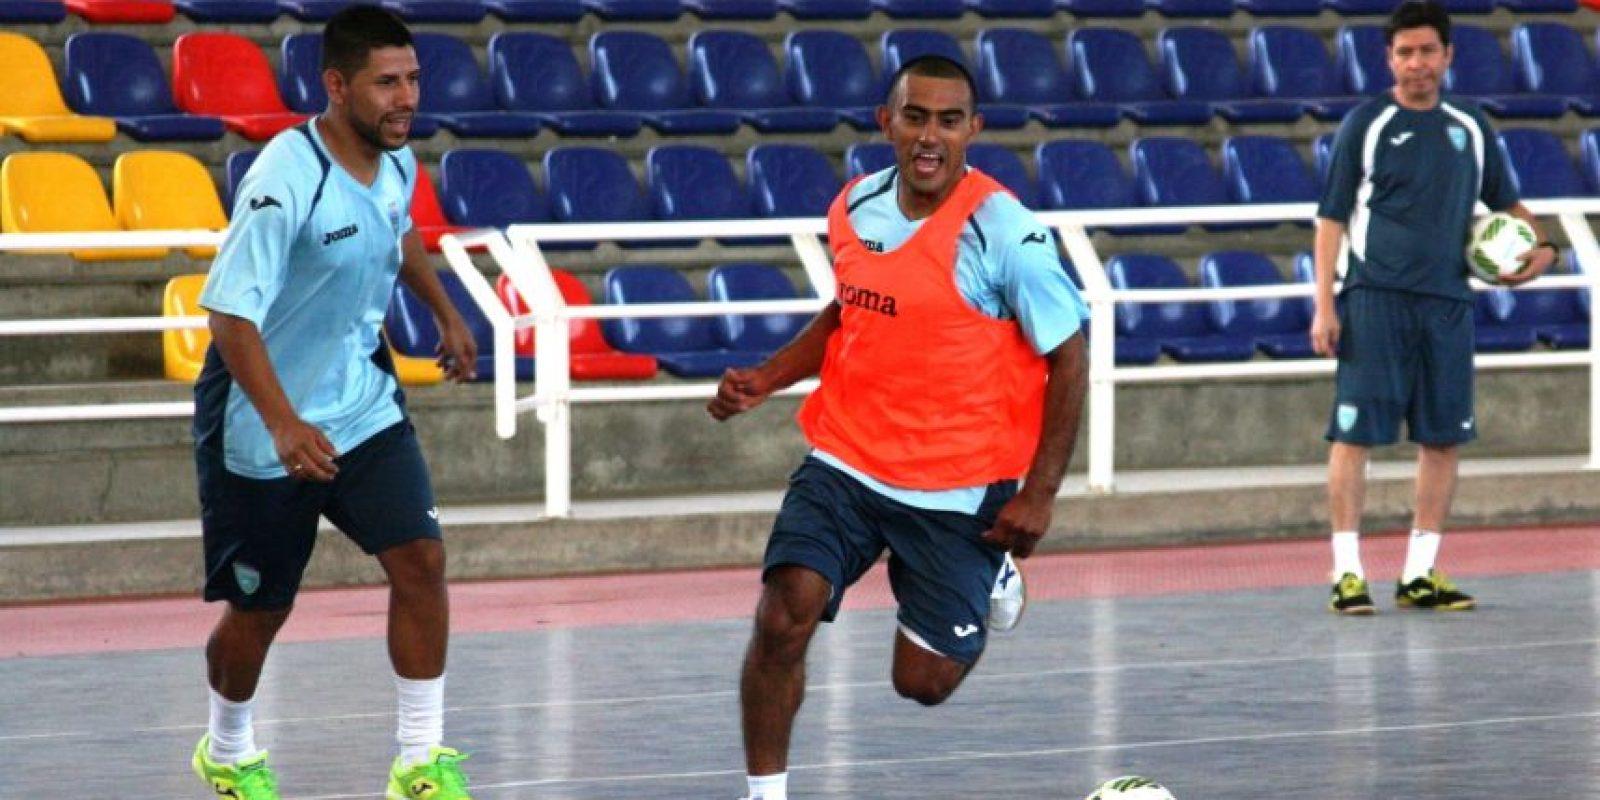 Guatemala se entrenó por primera vez en Cali el viernes y el domingo debutará contra Vietnam. Foto:Fedefut y CDG